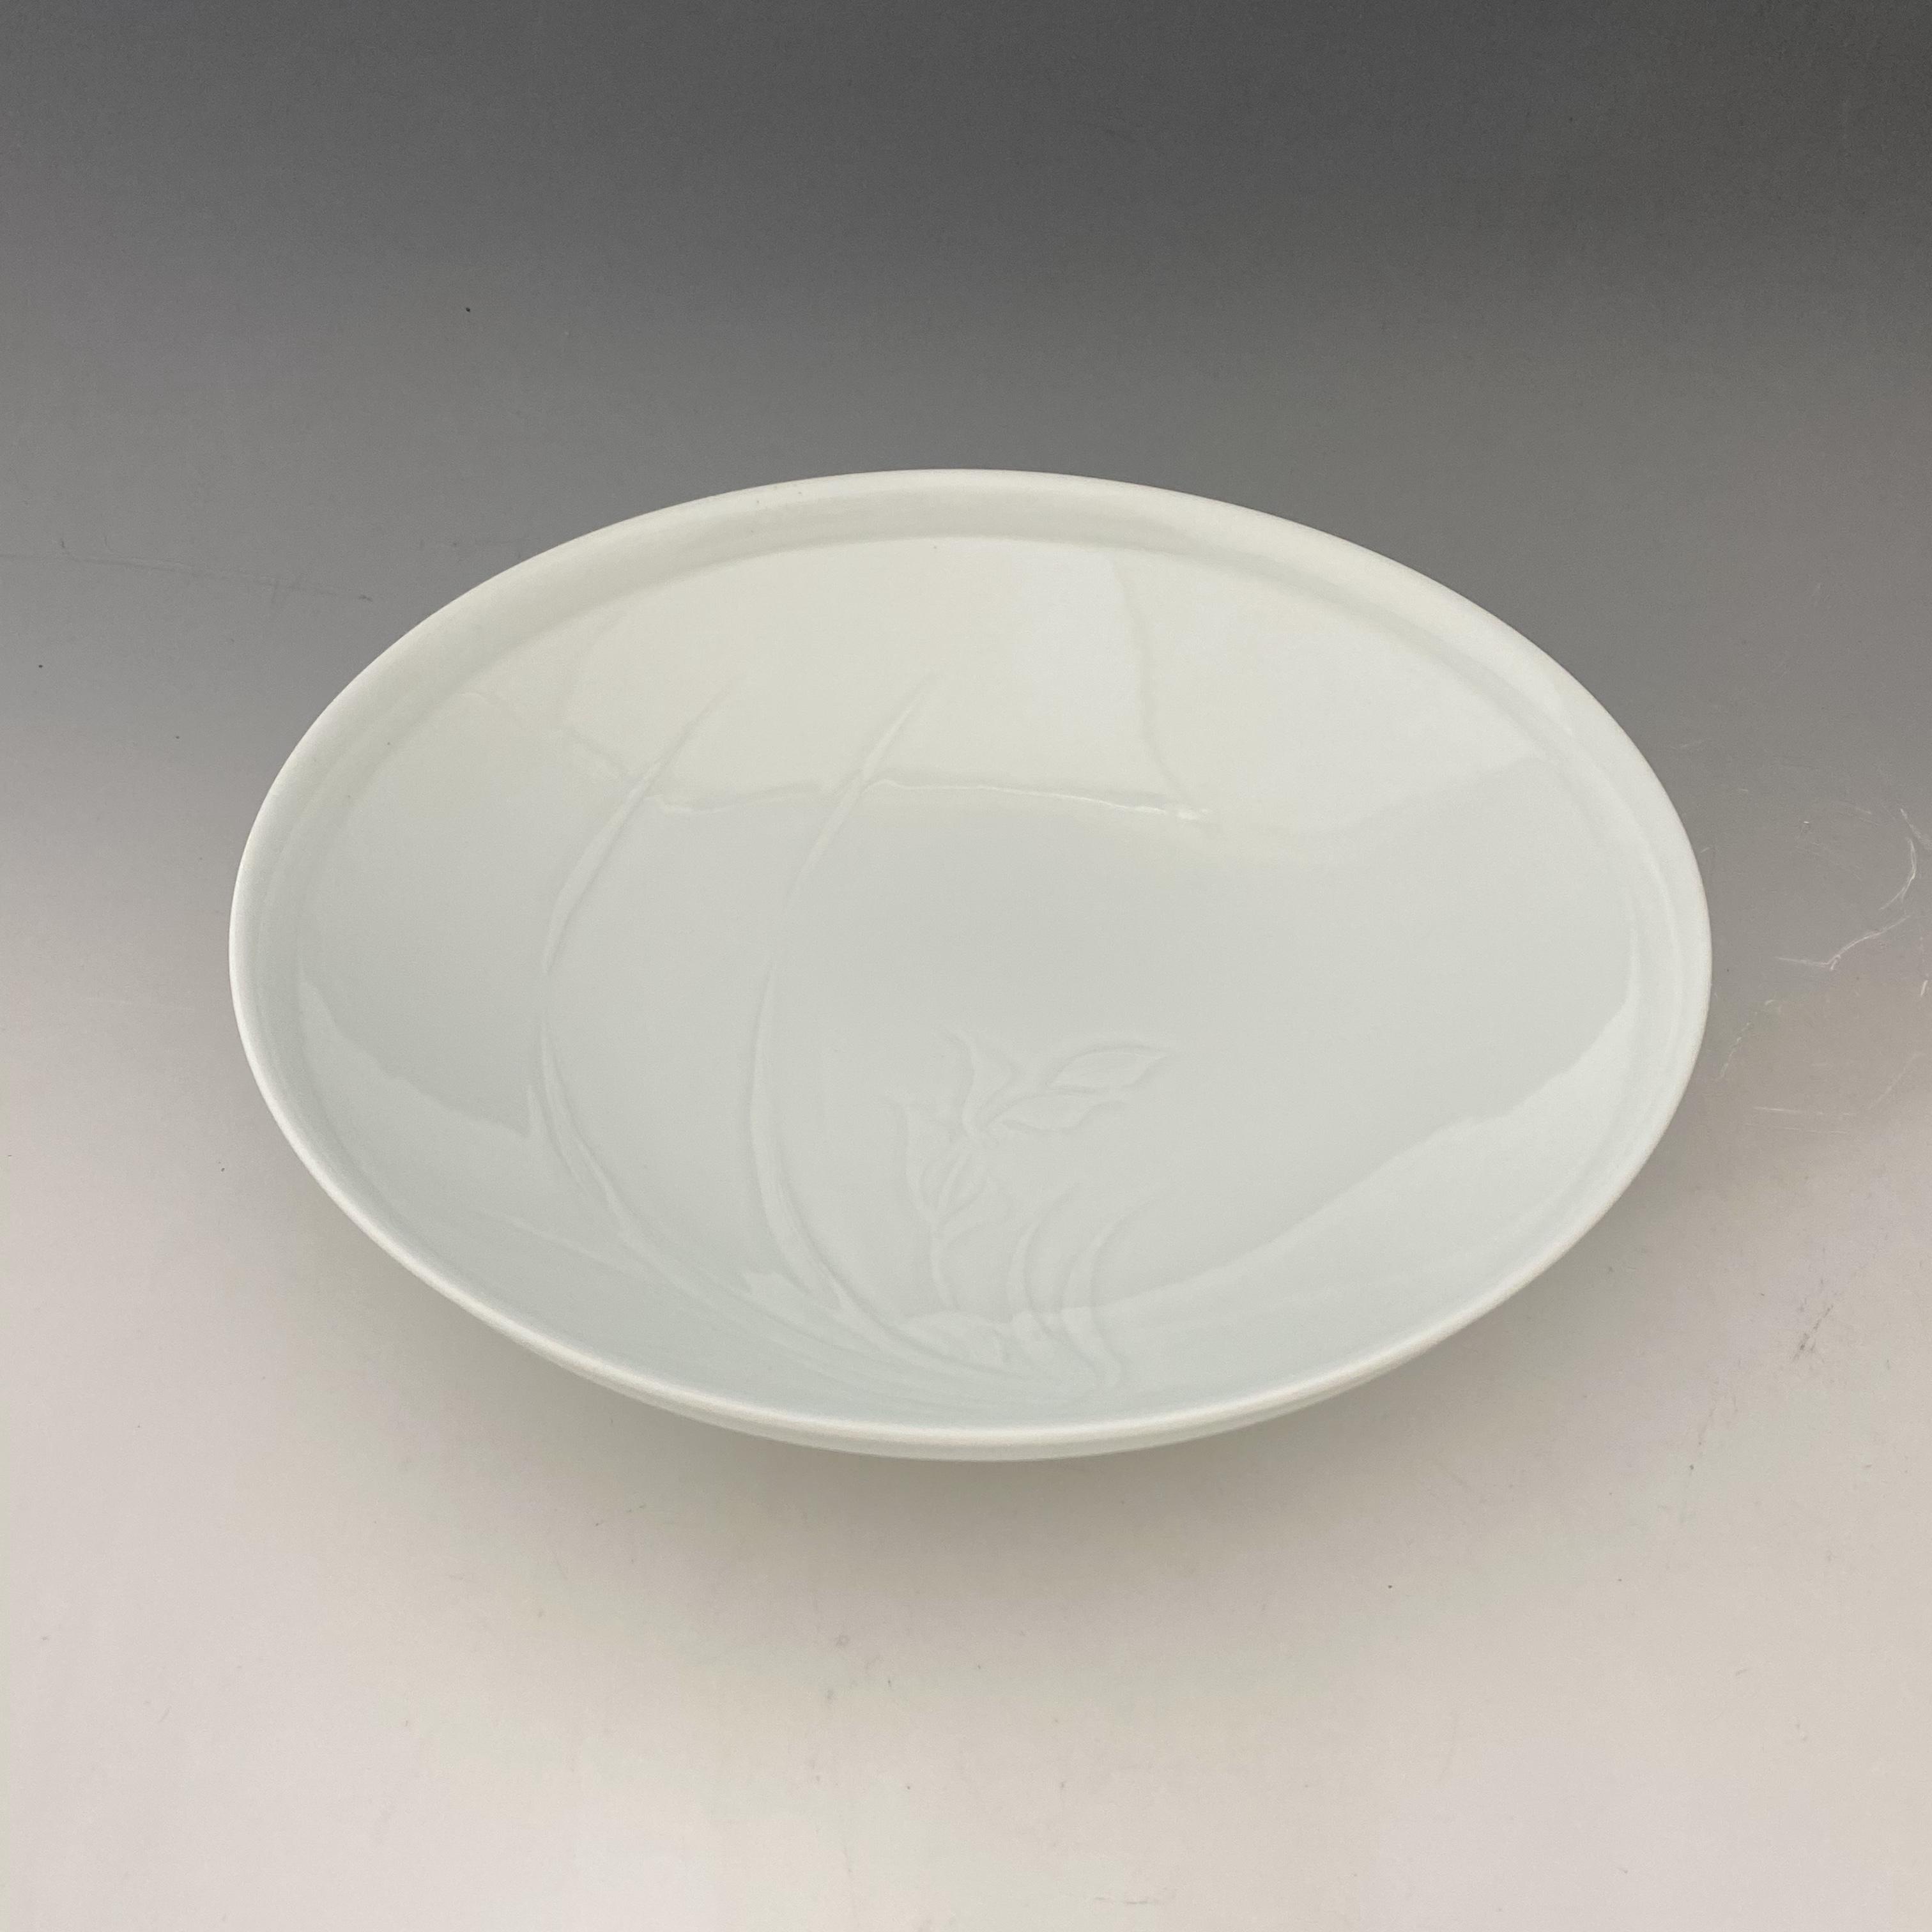 【中尾恭純】白磁蘭彫鉢